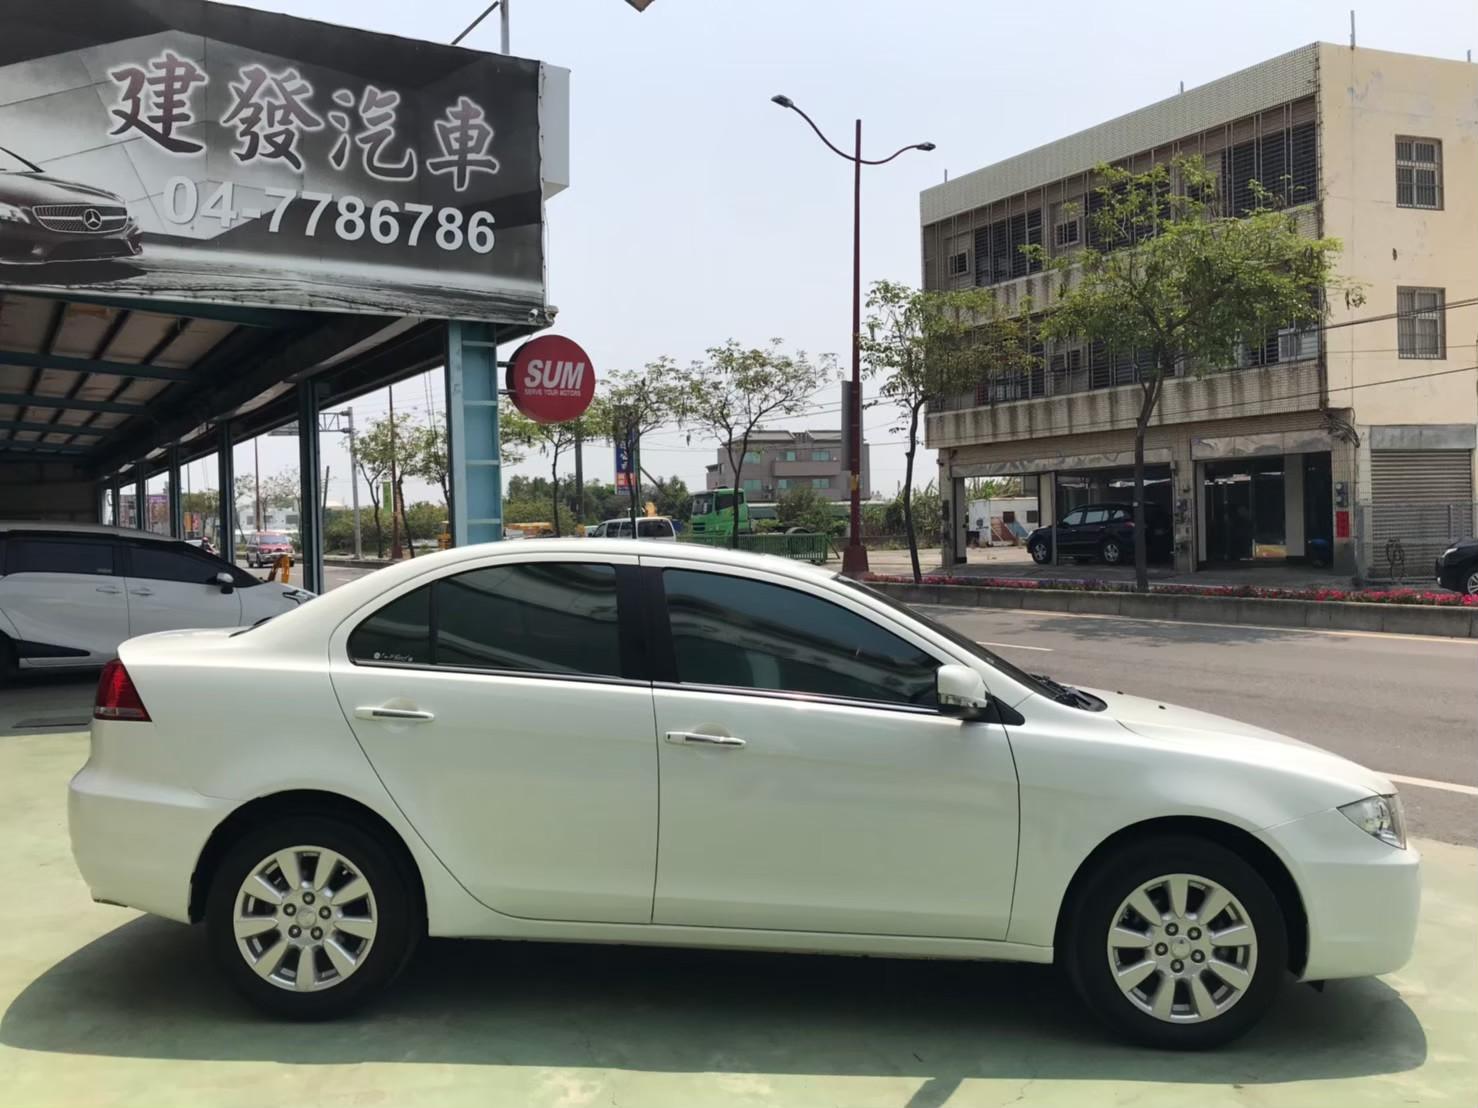 2010年FORTIS白1.8 SUM24.8實跑7萬 一手女用車 i-KEY 3安 定速 倒車影像_210523_7